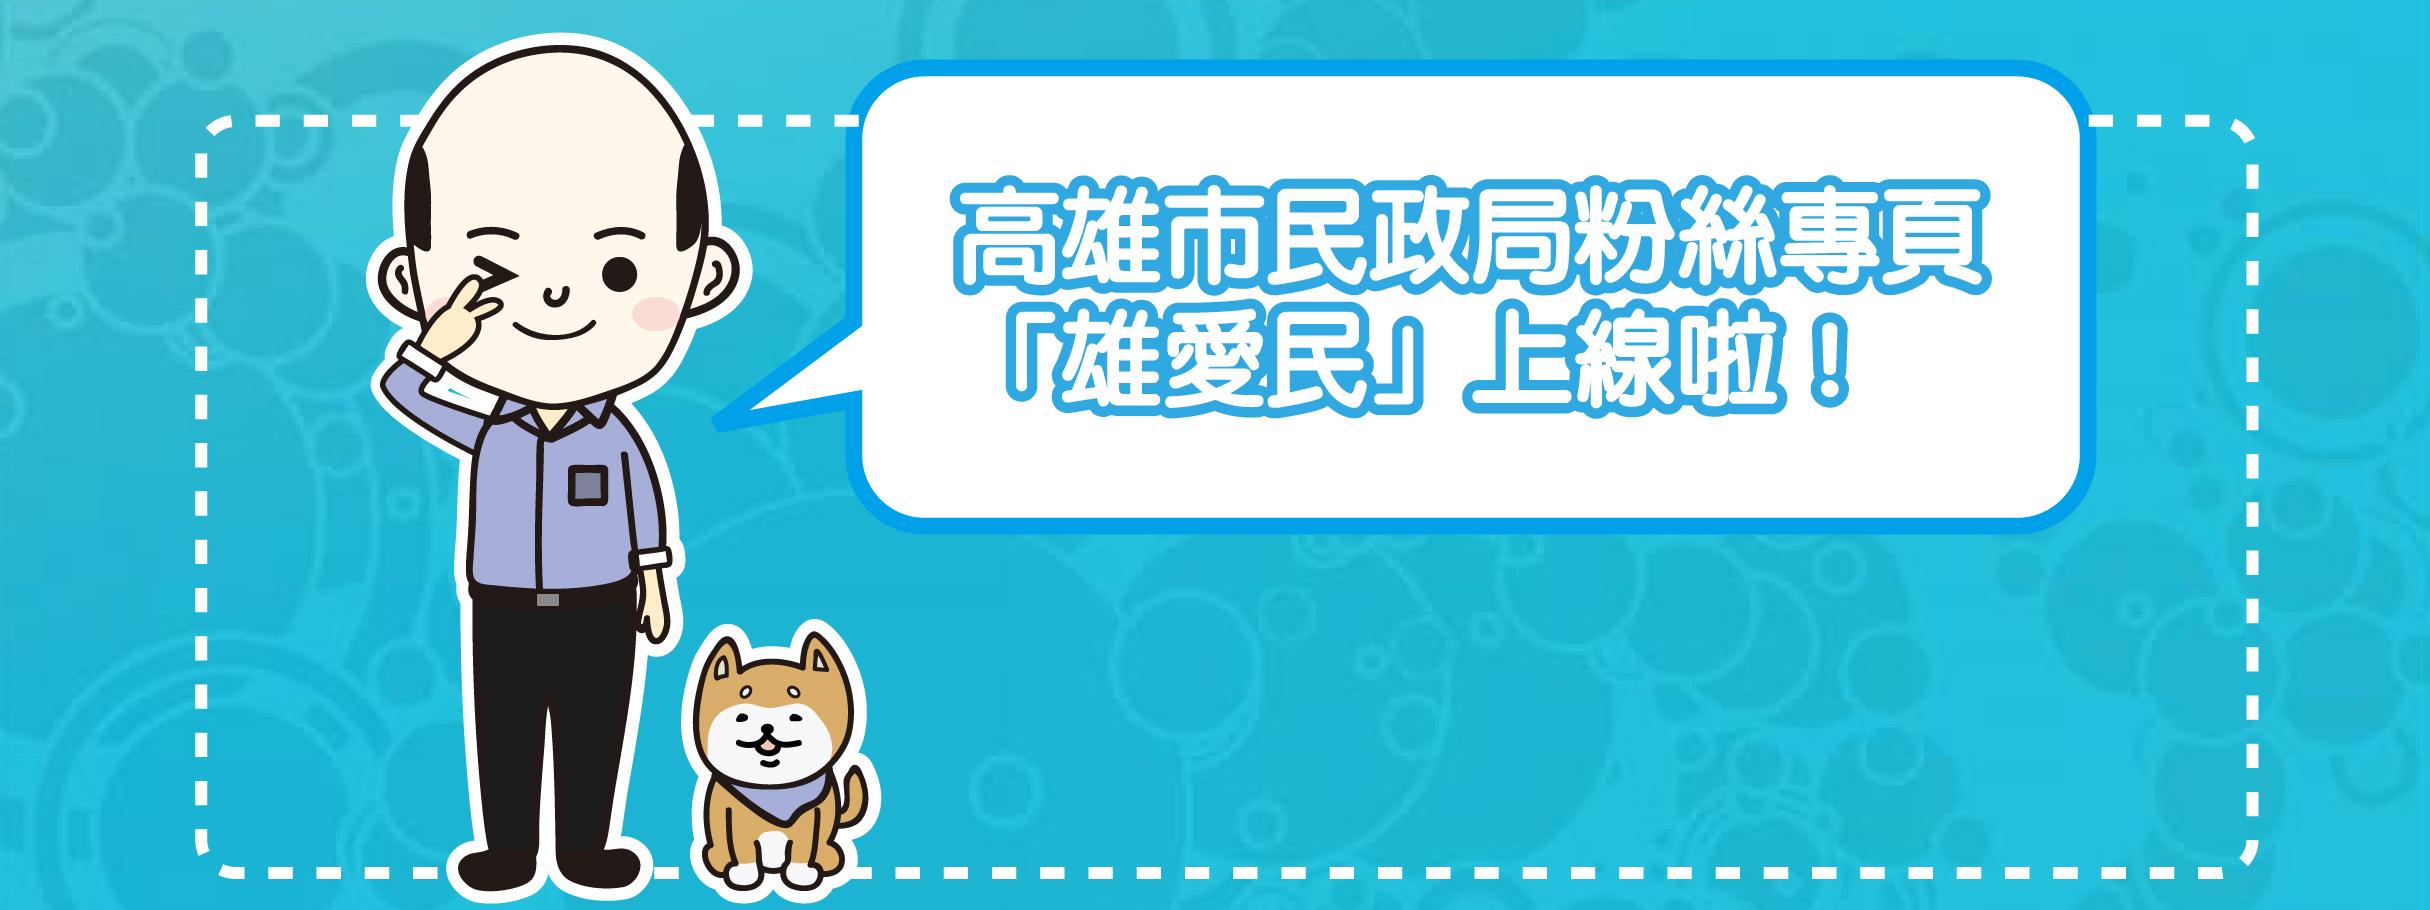 民政局臉書粉絲專頁